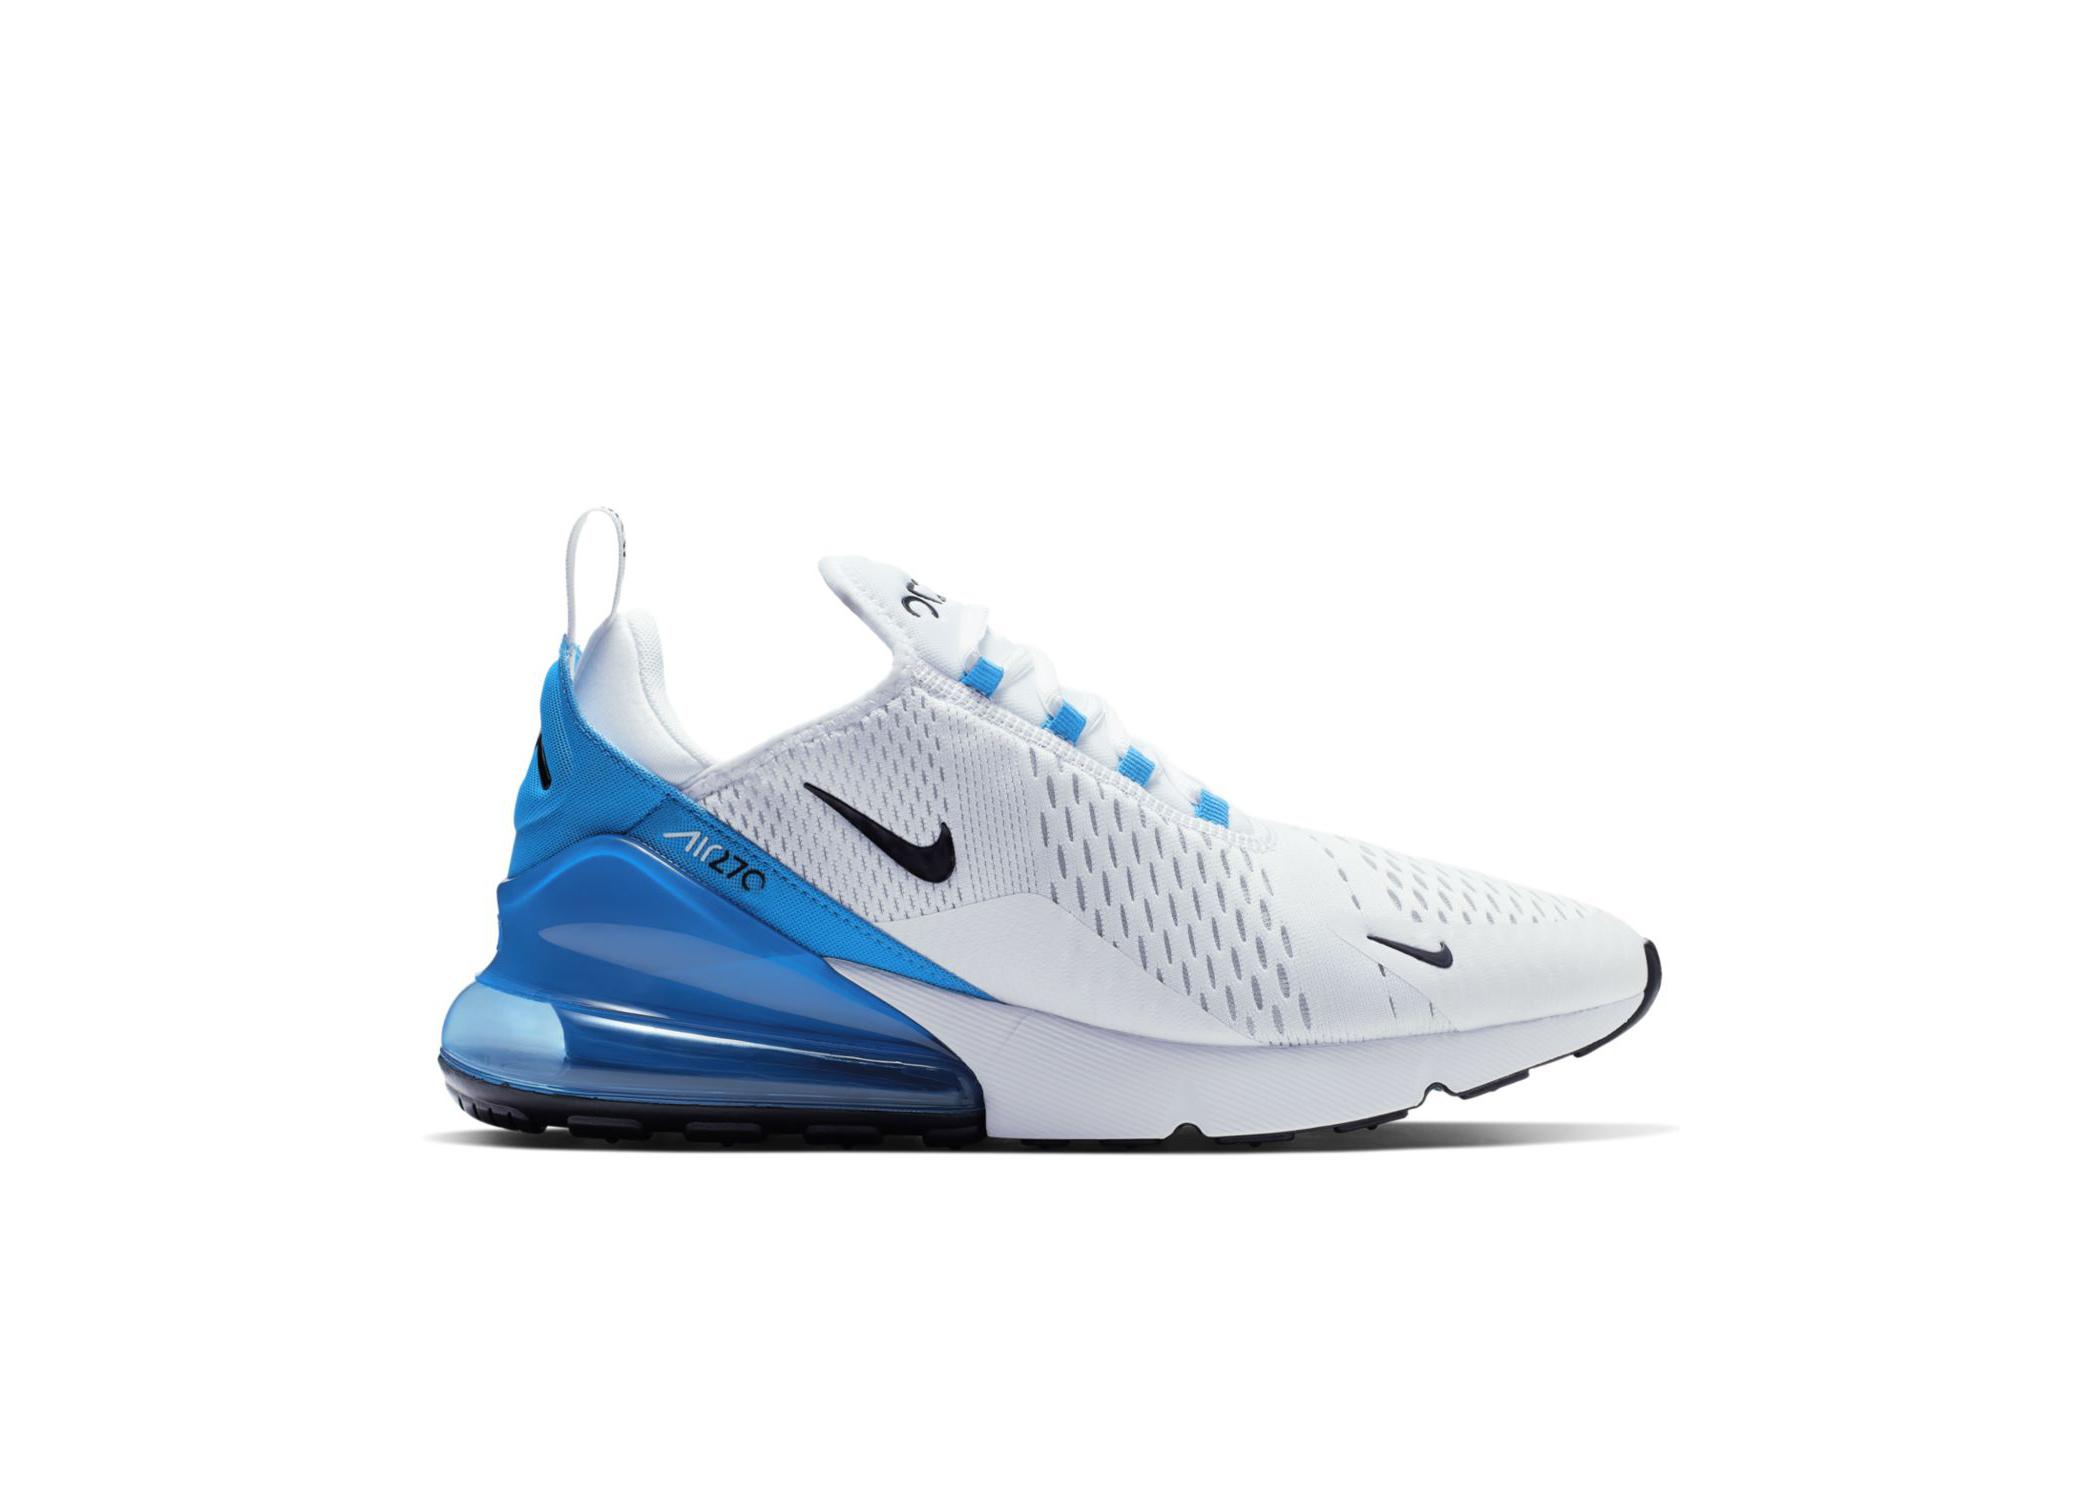 Nike Air Max 270 White Photo Blue - AH8050-110